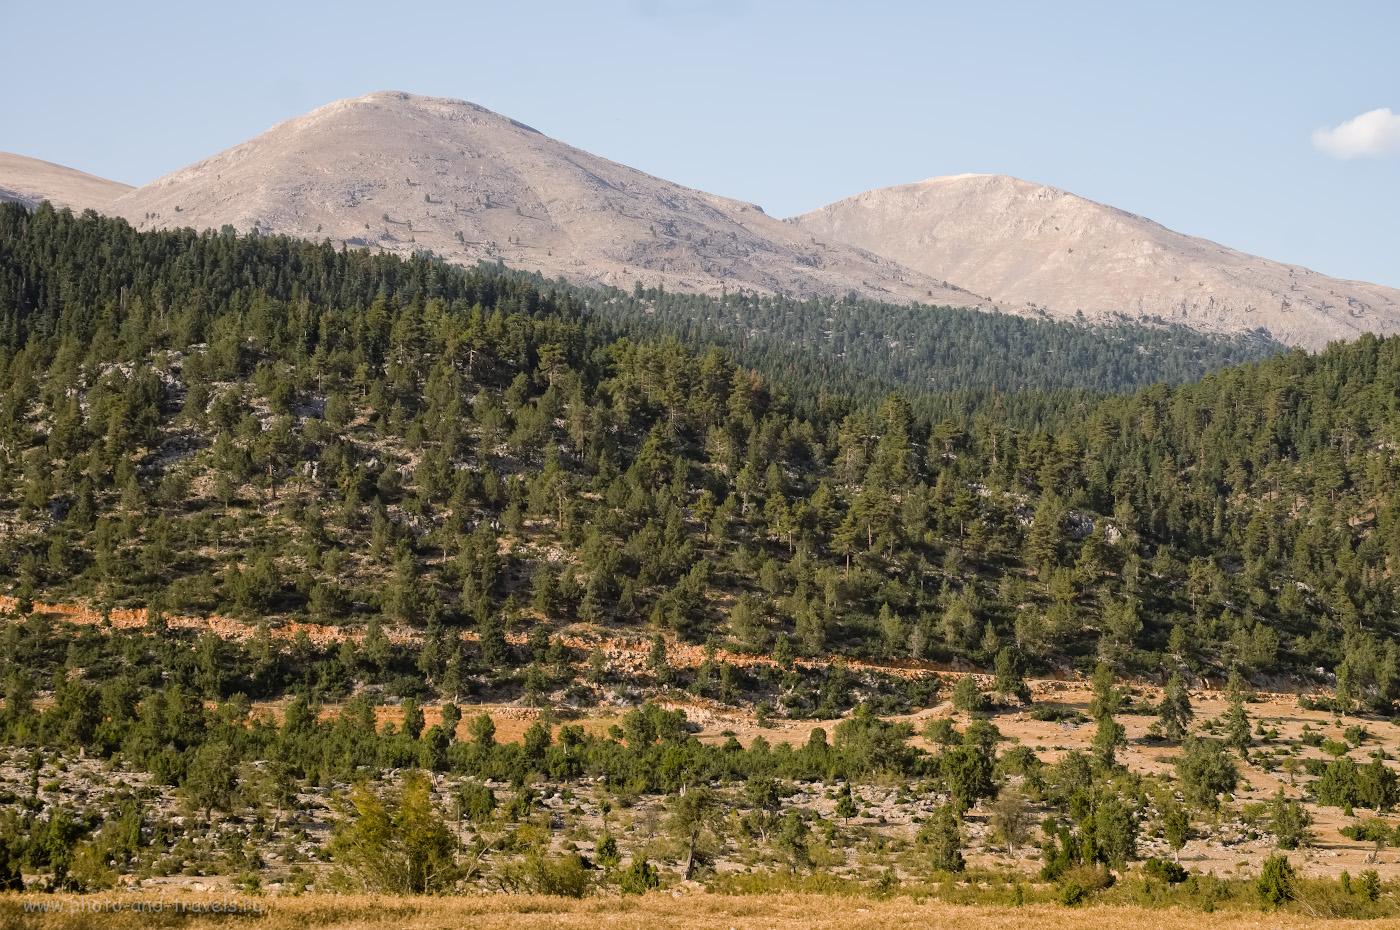 Фото 5. В эту гору вы упретесь, если поедете на вершину Баштепе по навигатору «Google.Карты». Отзыв о поездке по интересным местам в провинции Мерсин в Турции. 1/140, 9.0, 200, 55.